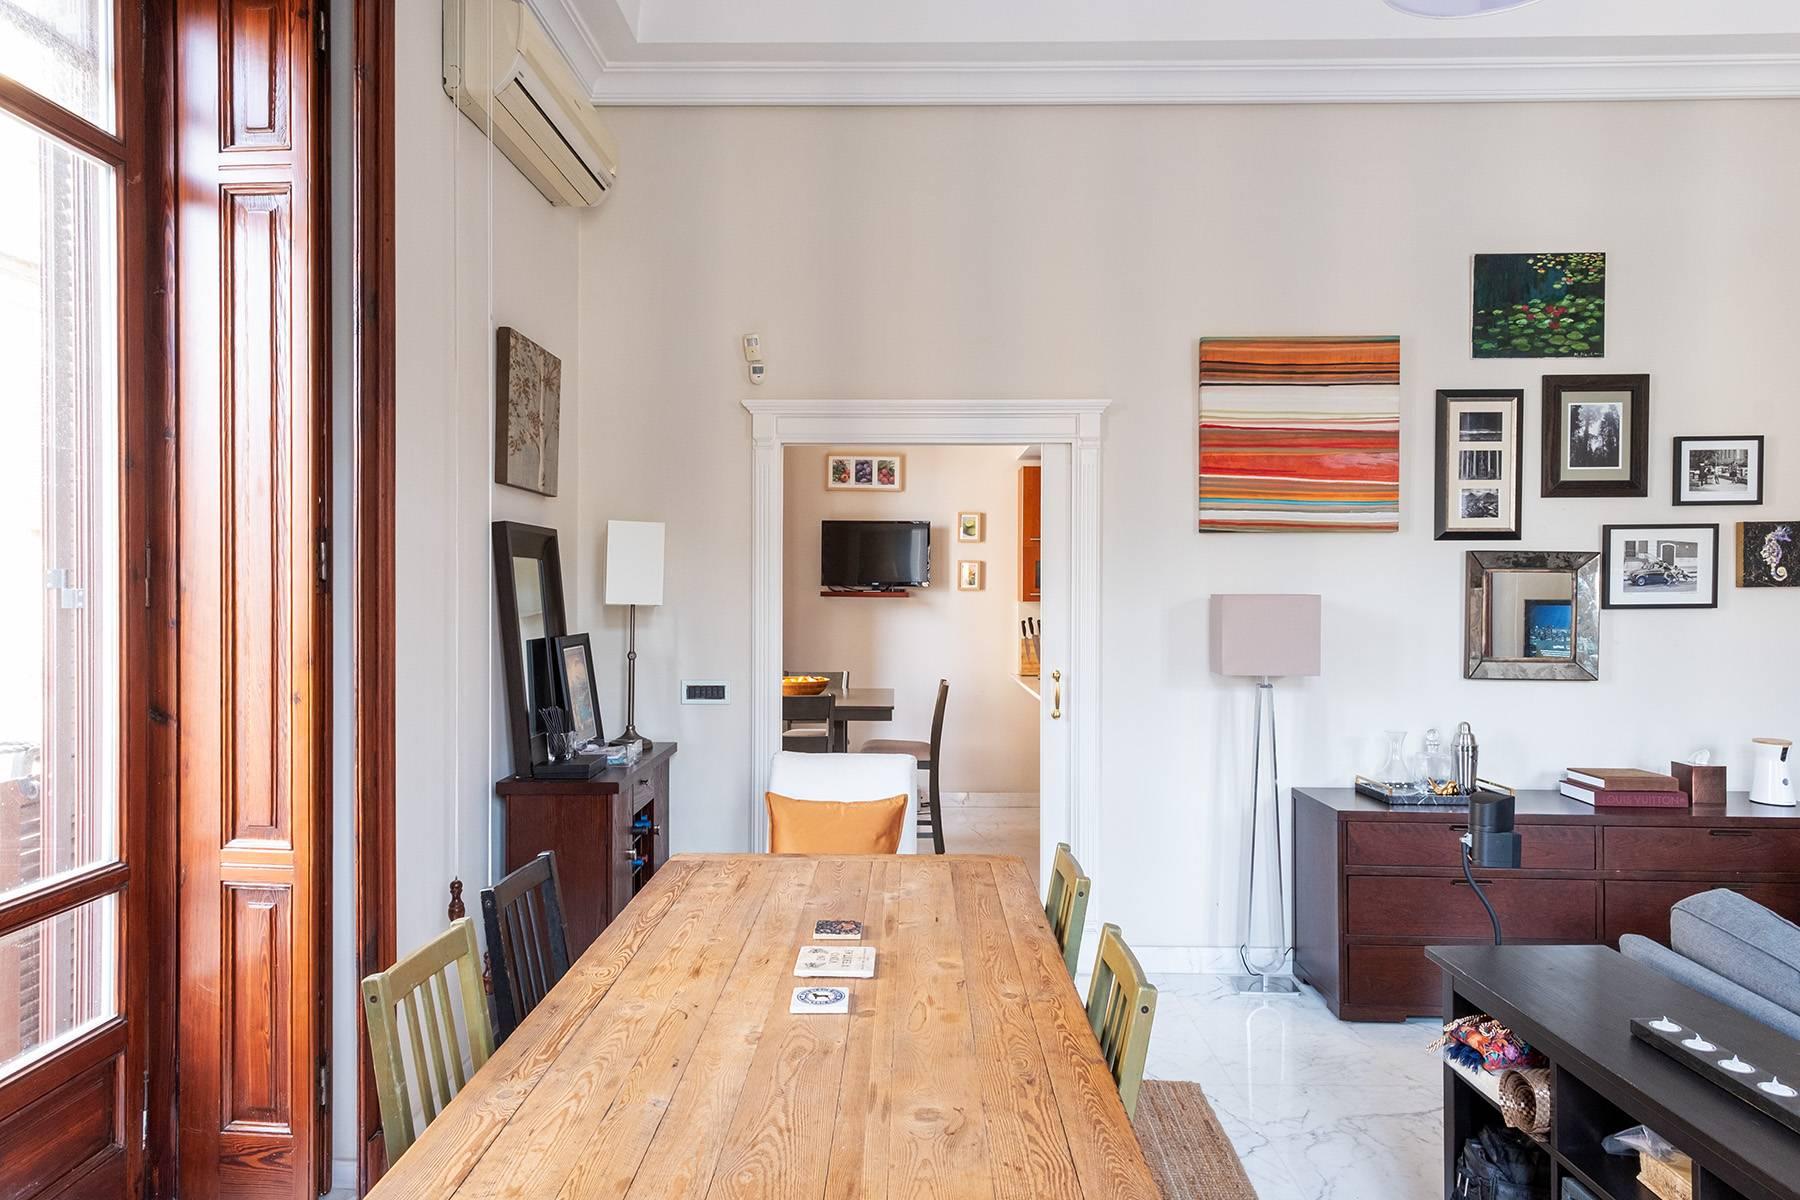 Appartamento in Vendita a Napoli: 5 locali, 120 mq - Foto 6